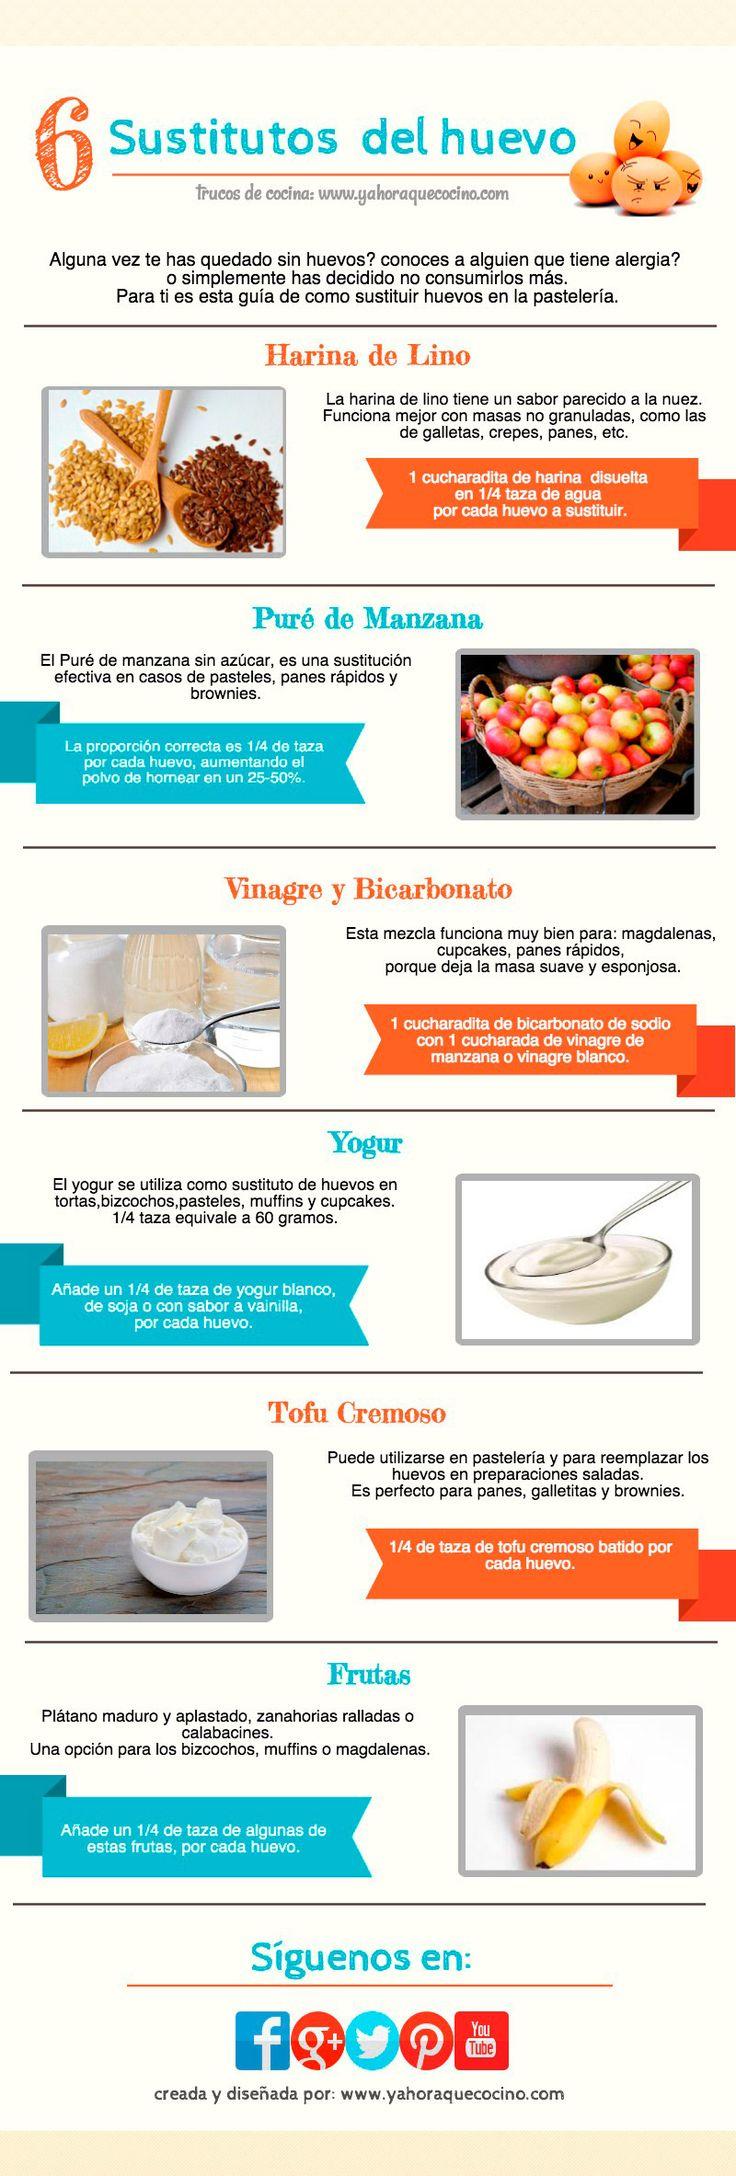 6 Formas de Sustituir el Huevo en la pastelería #infografias